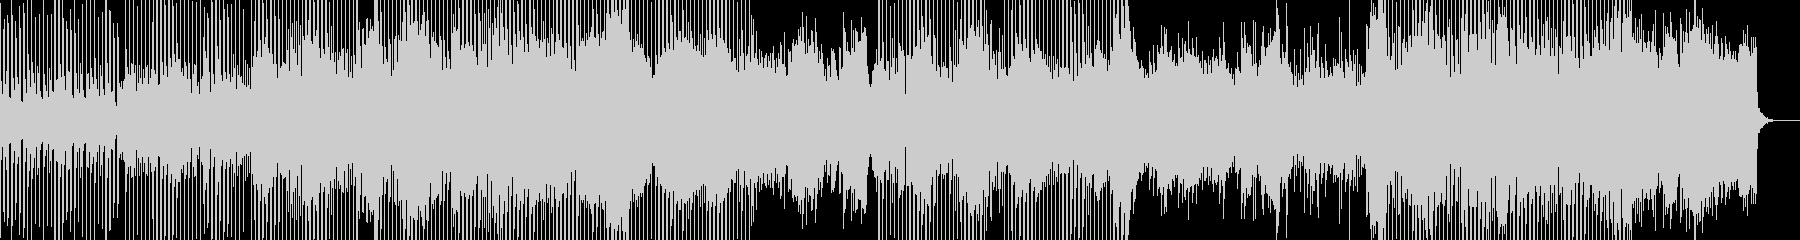 軽快なピアノハウスサウンドの未再生の波形